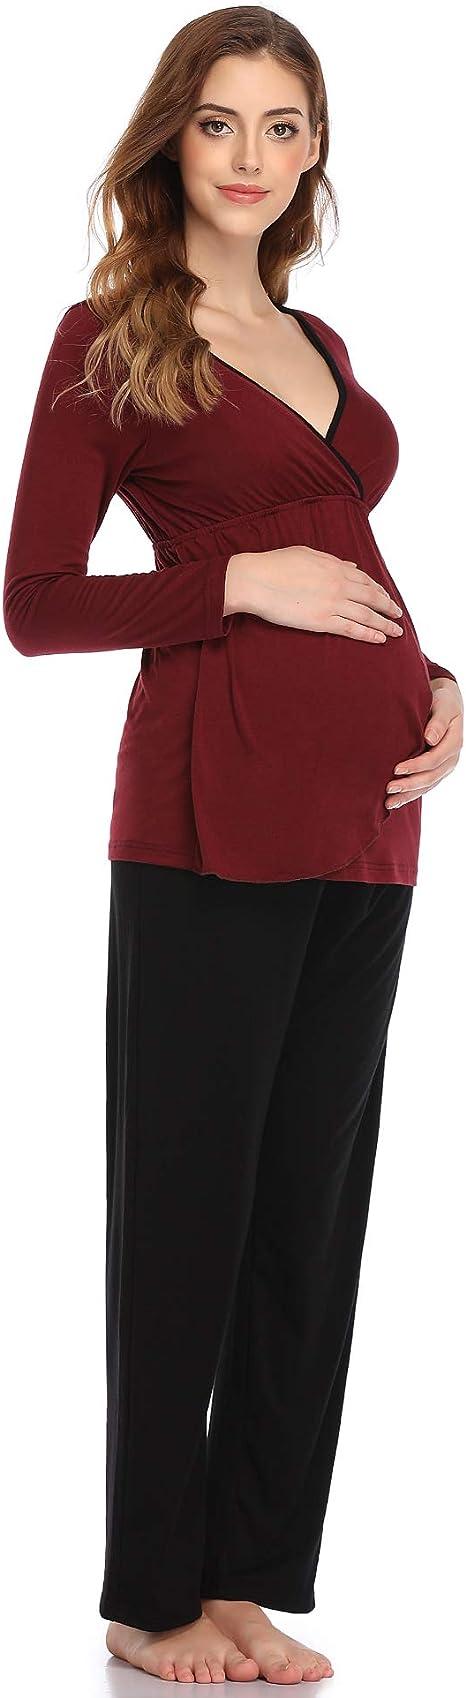 Aranmei Pigiama Premaman Donna Cotone Pigiama maternit/à Allattamento Manica Lung Top e Pantaloni per Parto Ospedale